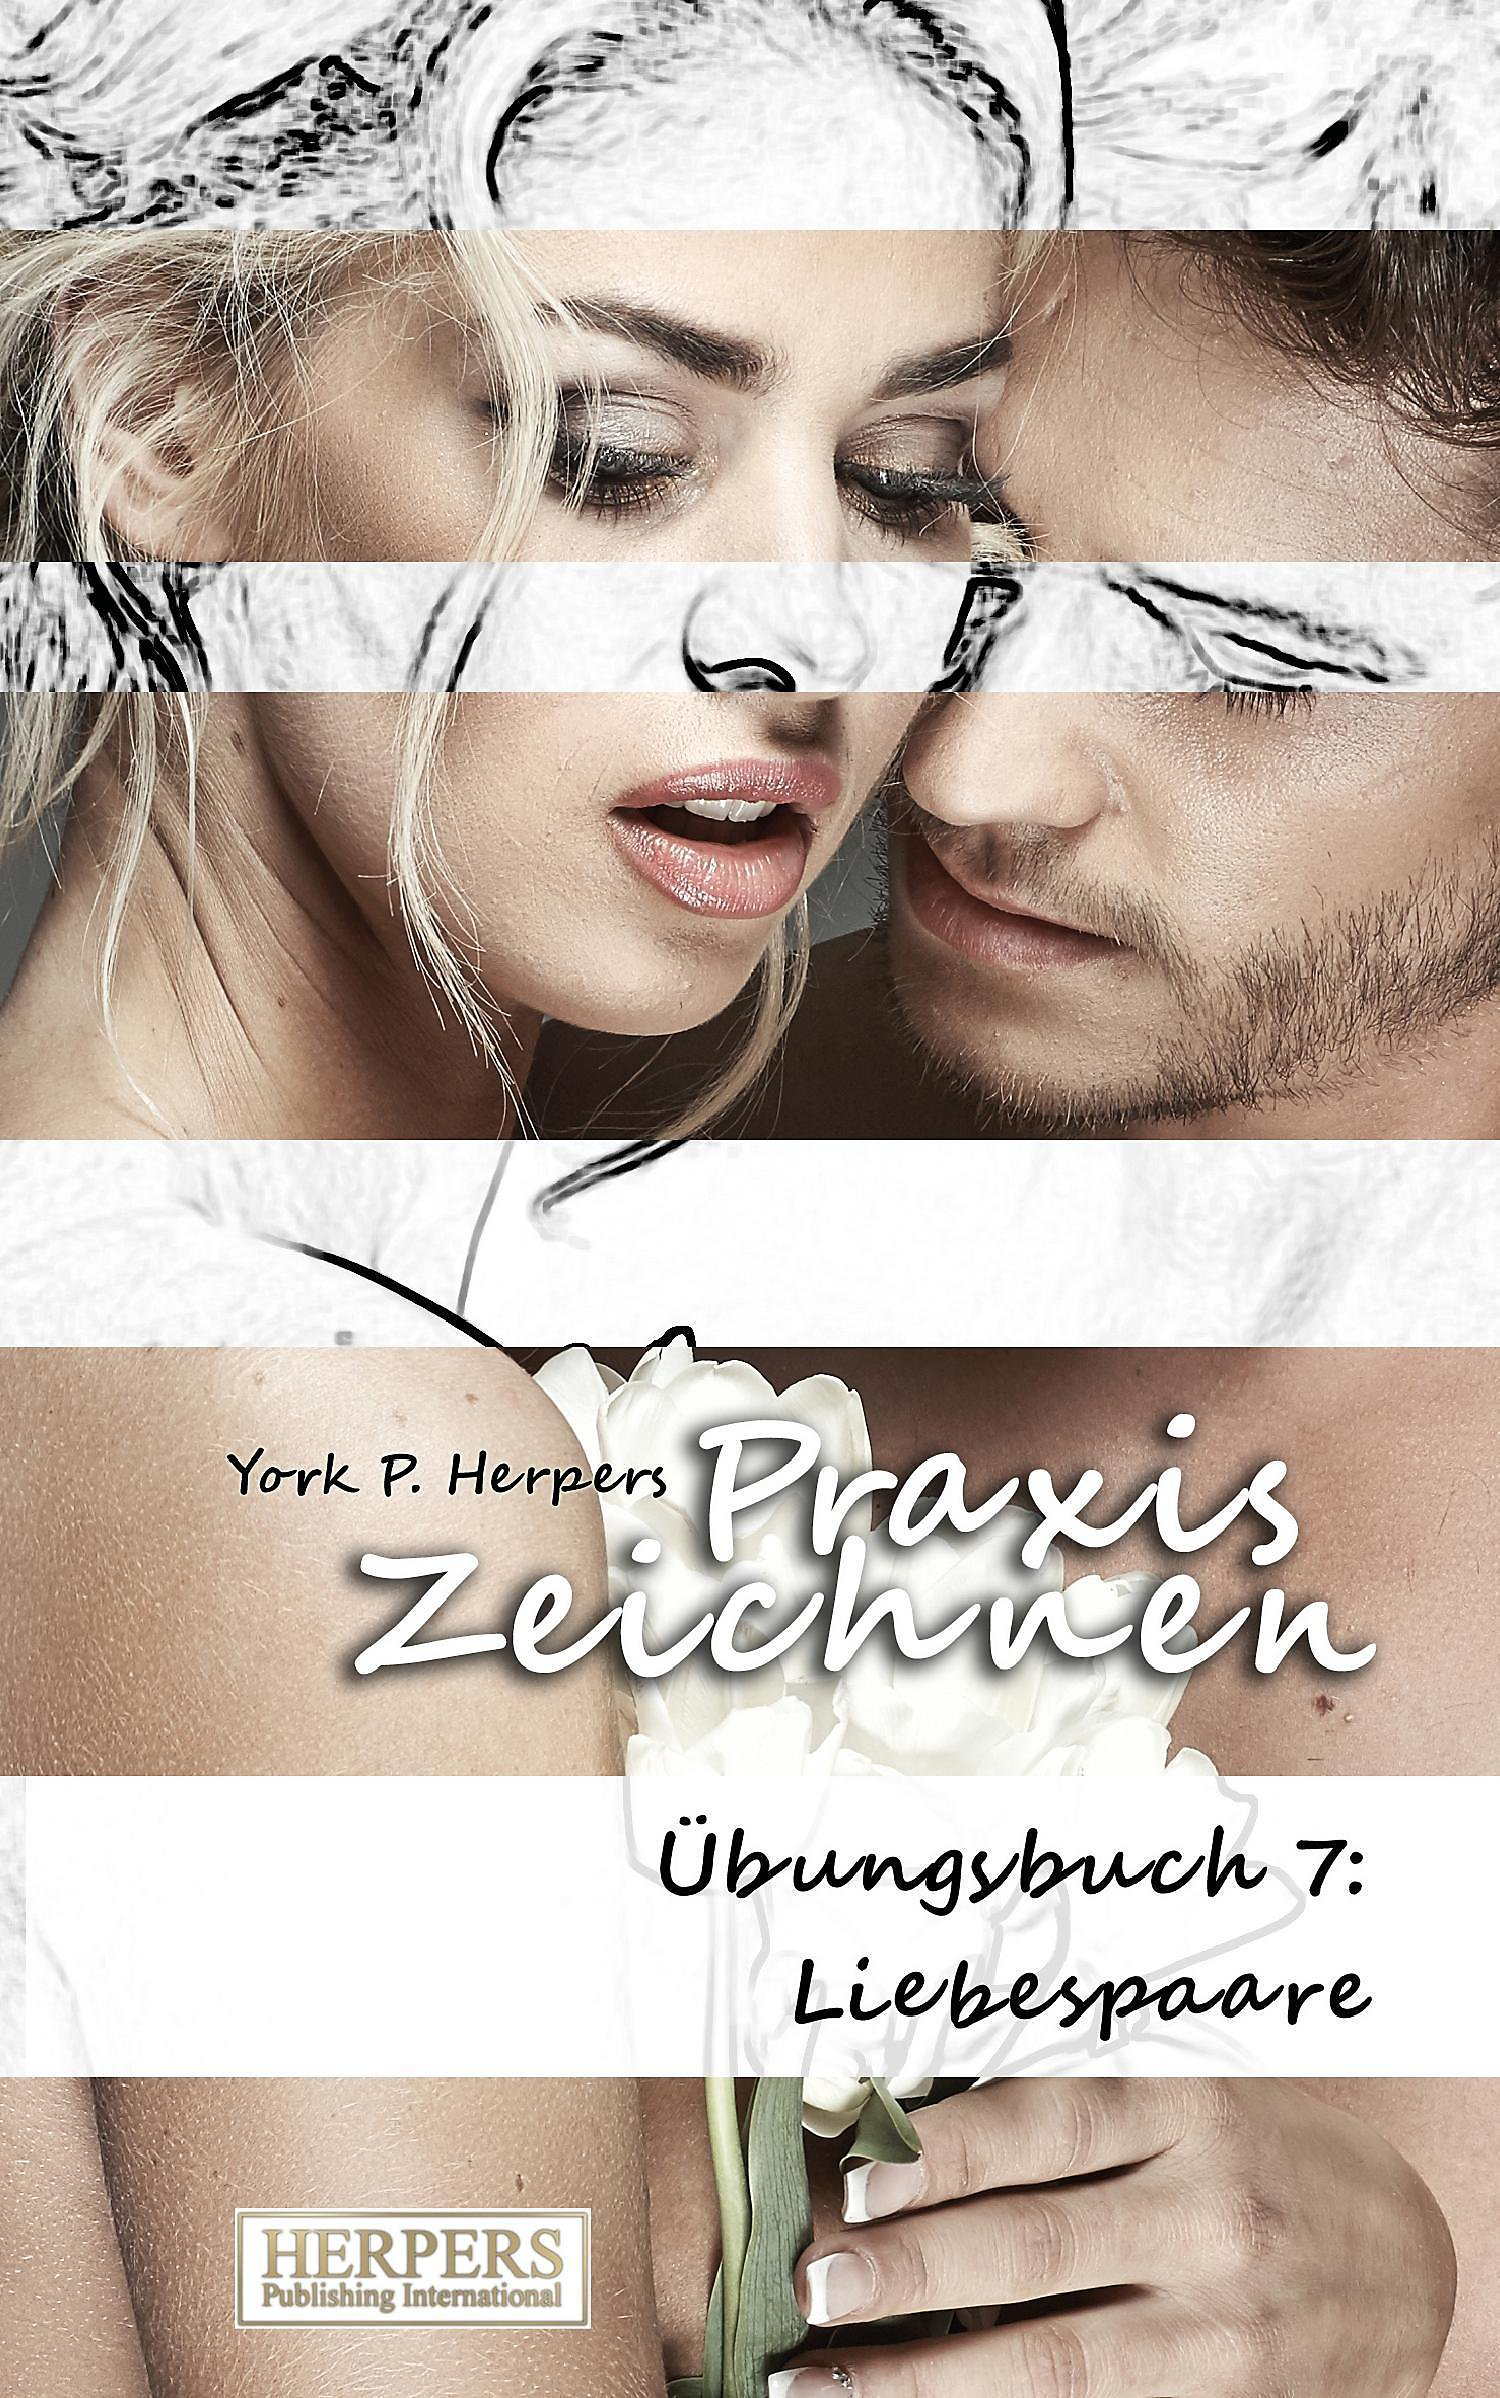 Praxis Zeichnen Ubungsbuch 7 Liebespaare Buch Versandkostenfrei